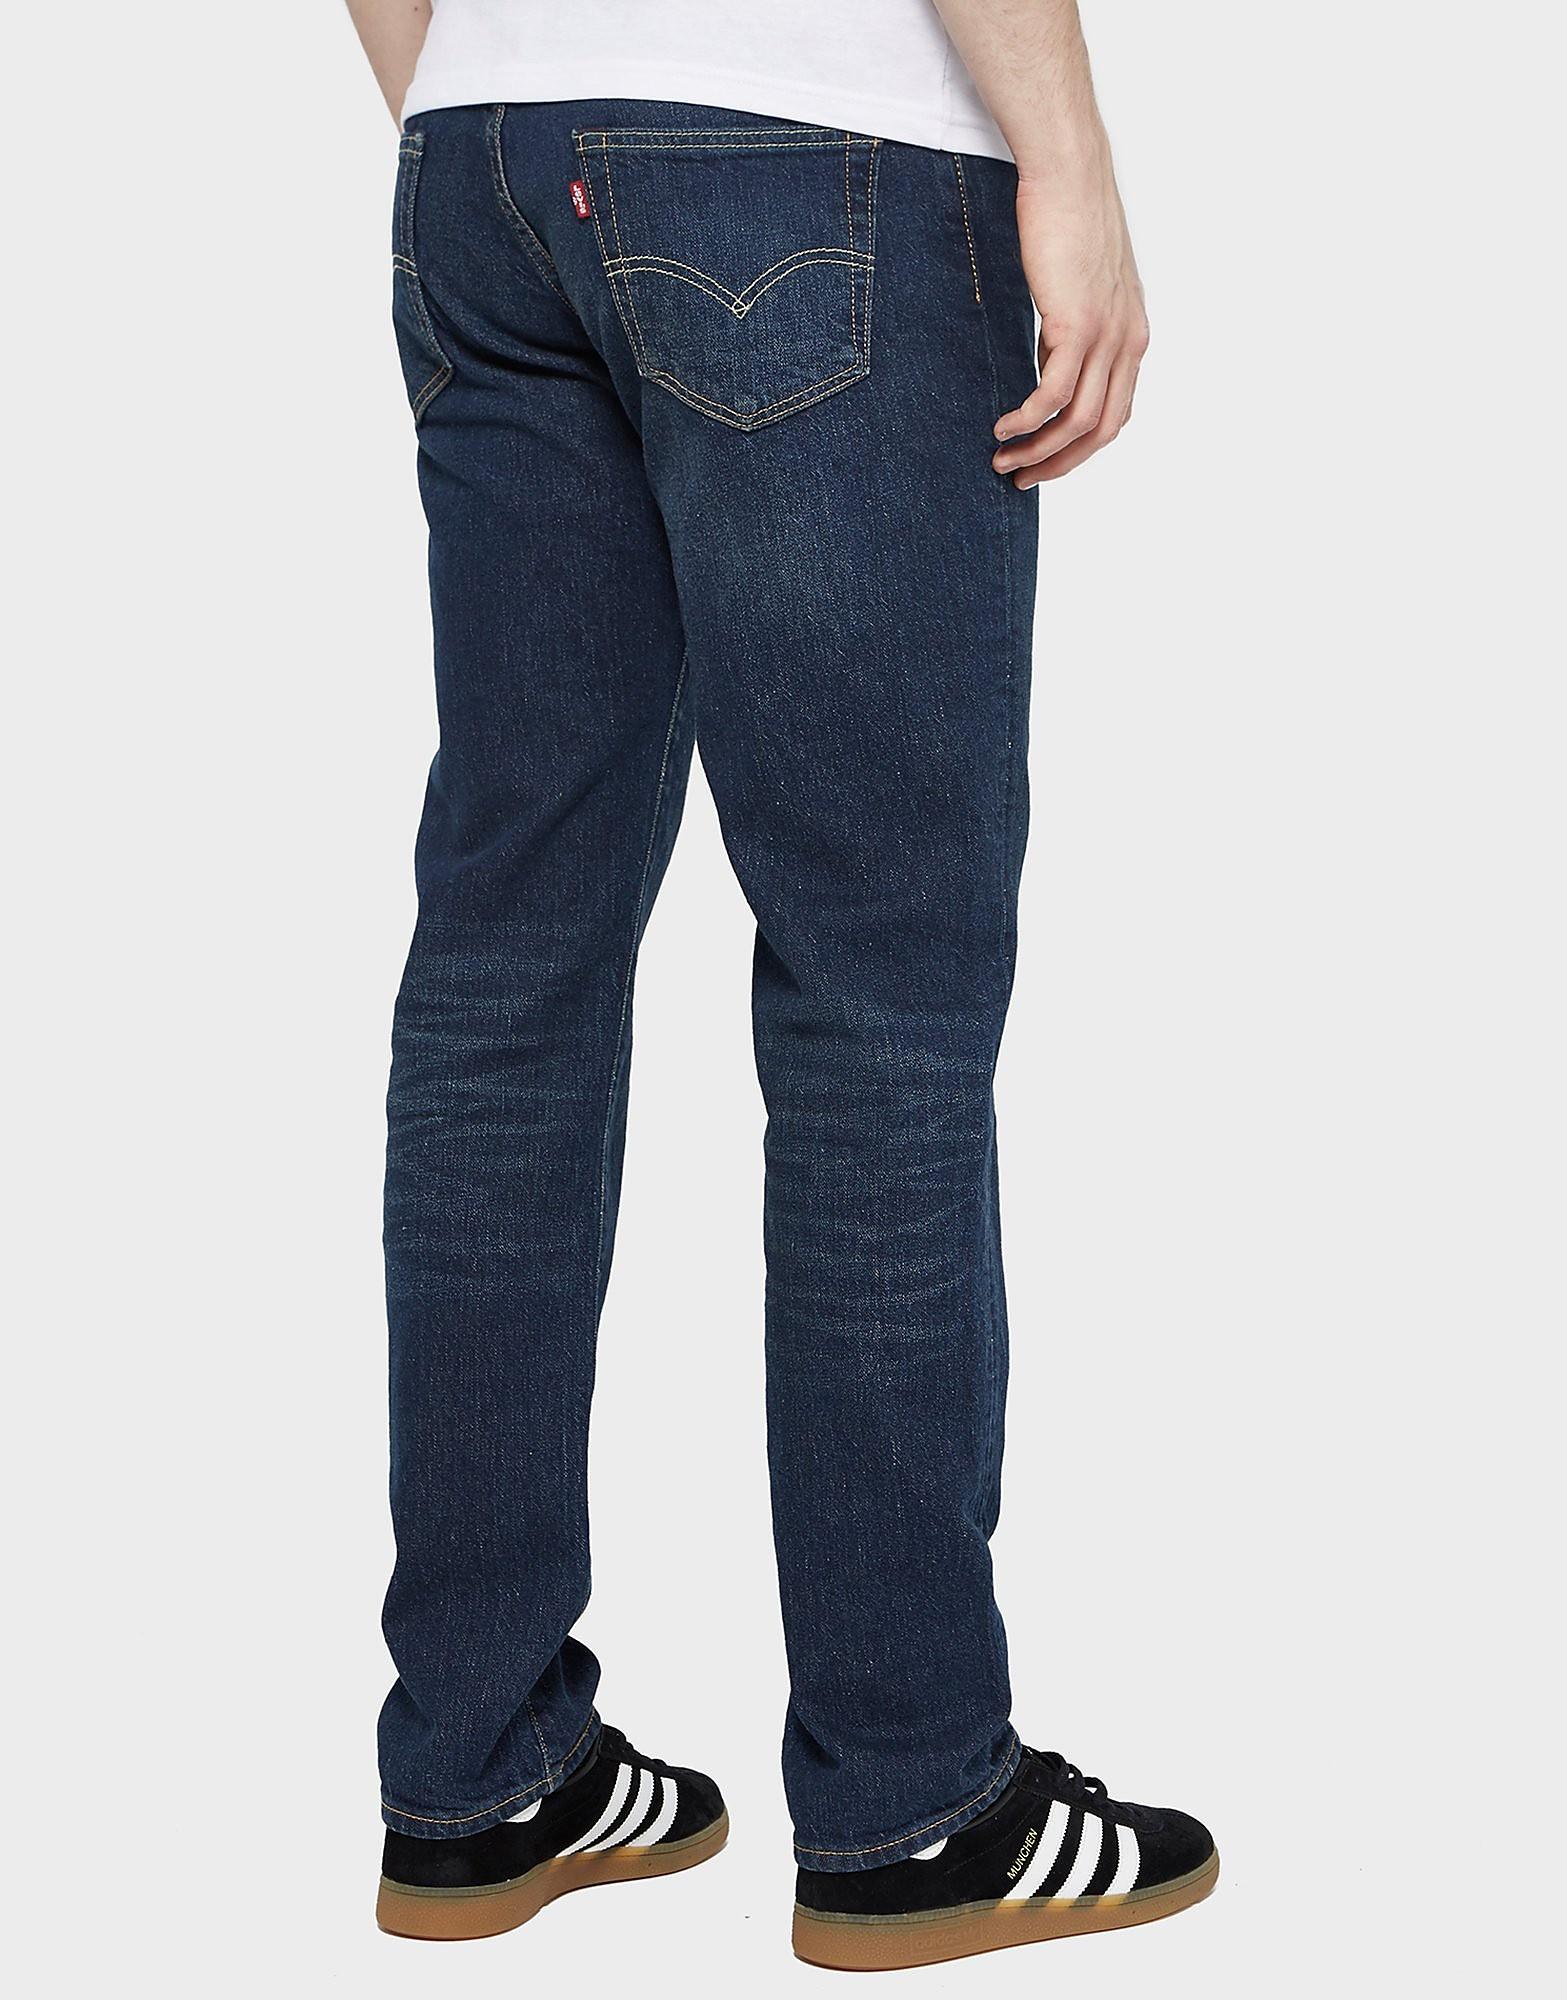 Levis 511 Vintage Jeans